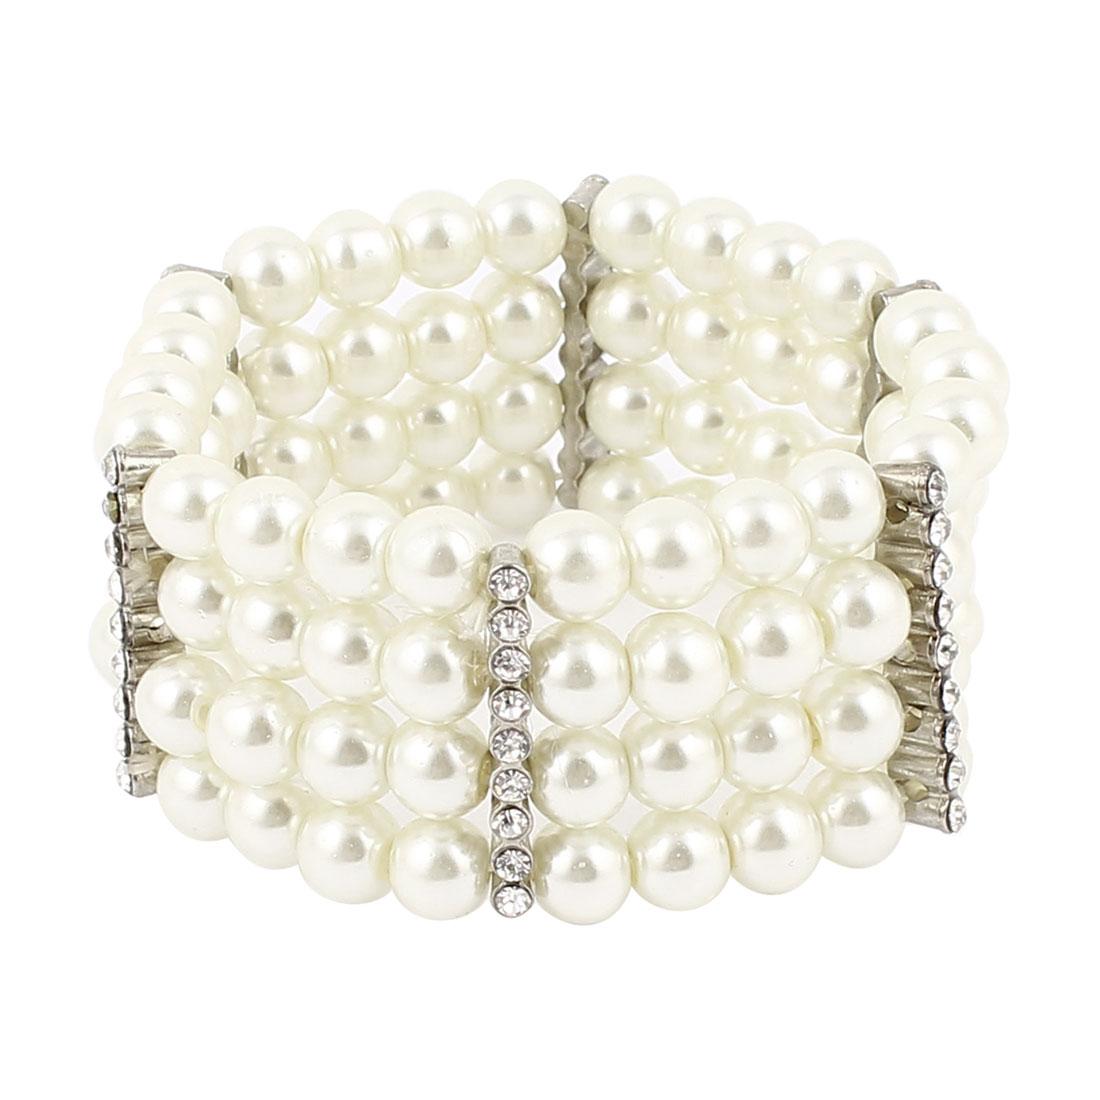 Lady White 4 Row Imitation Pearl Beads Rhinestone Detailing Elastic String Bracelet Bangle